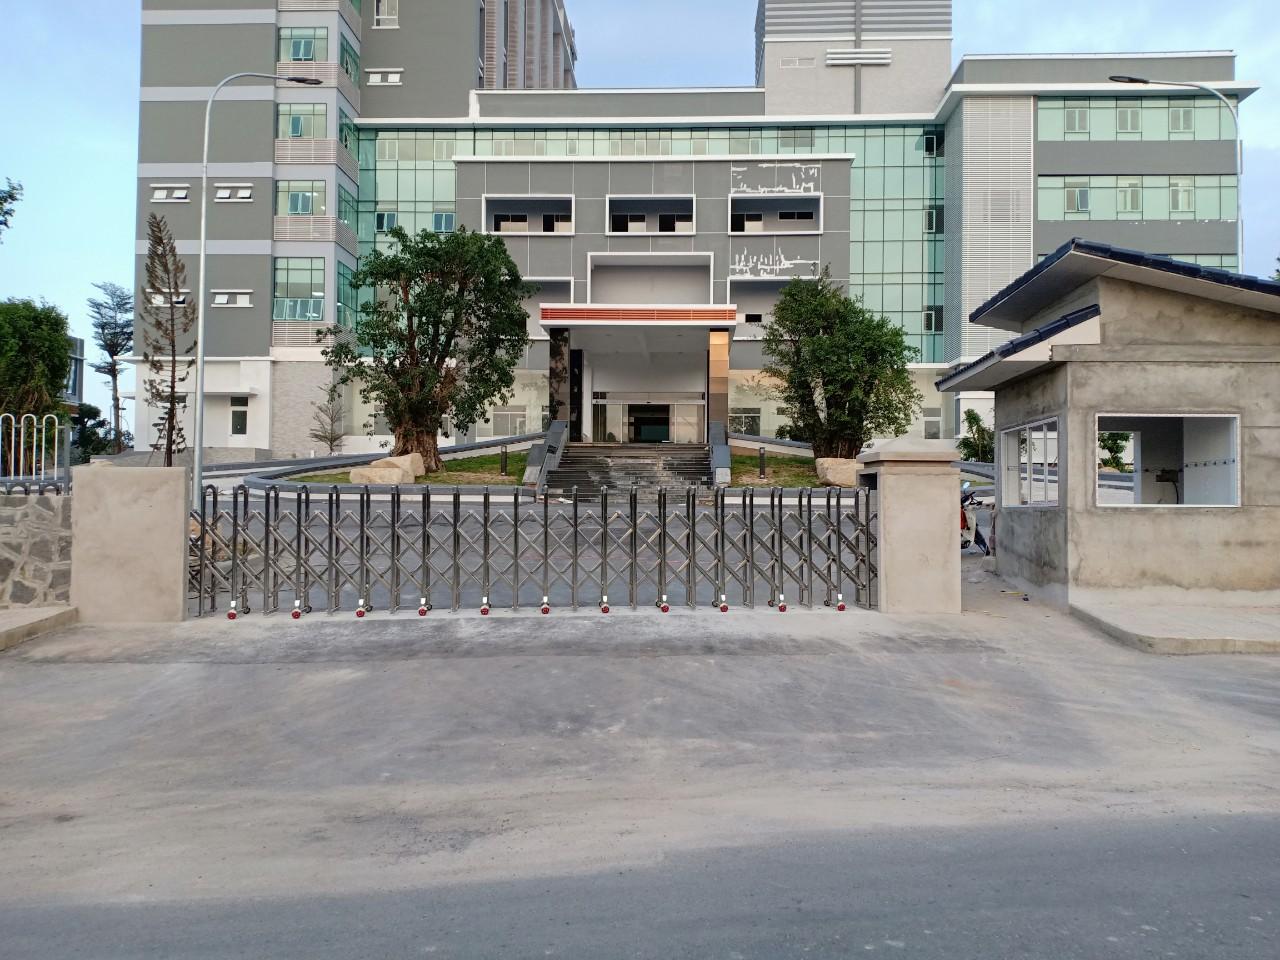 Cổng xếp inox LBSKY, Lắp tại bệnh viện Phương Chi, Bình dương